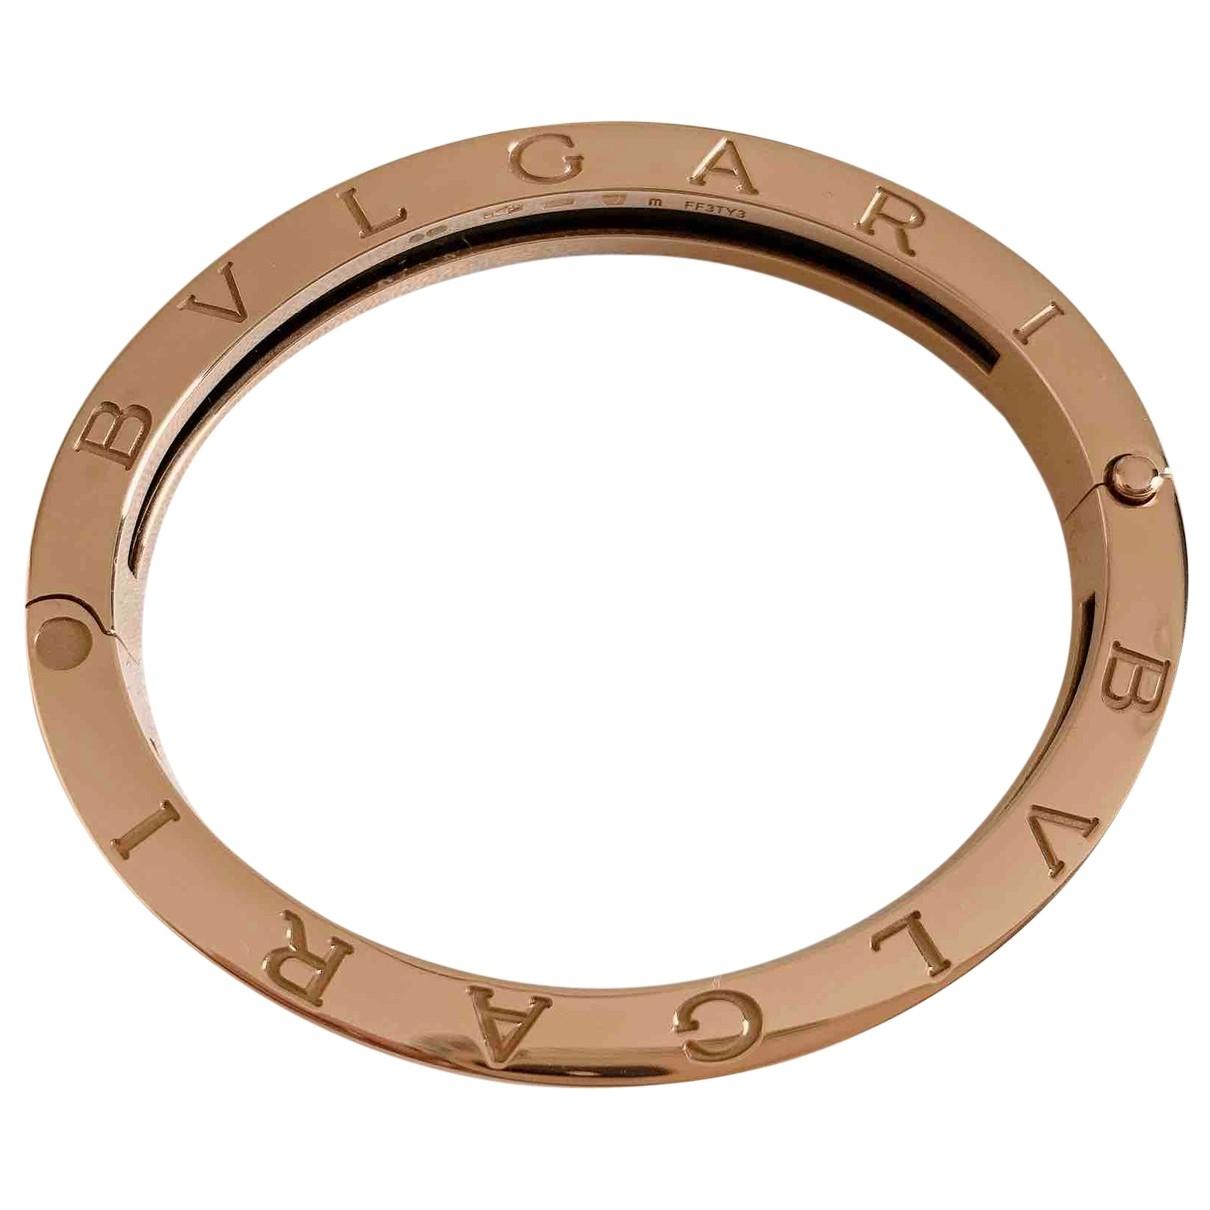 Bvlgari B.Zero1 Armband in  Gold Gelbgold